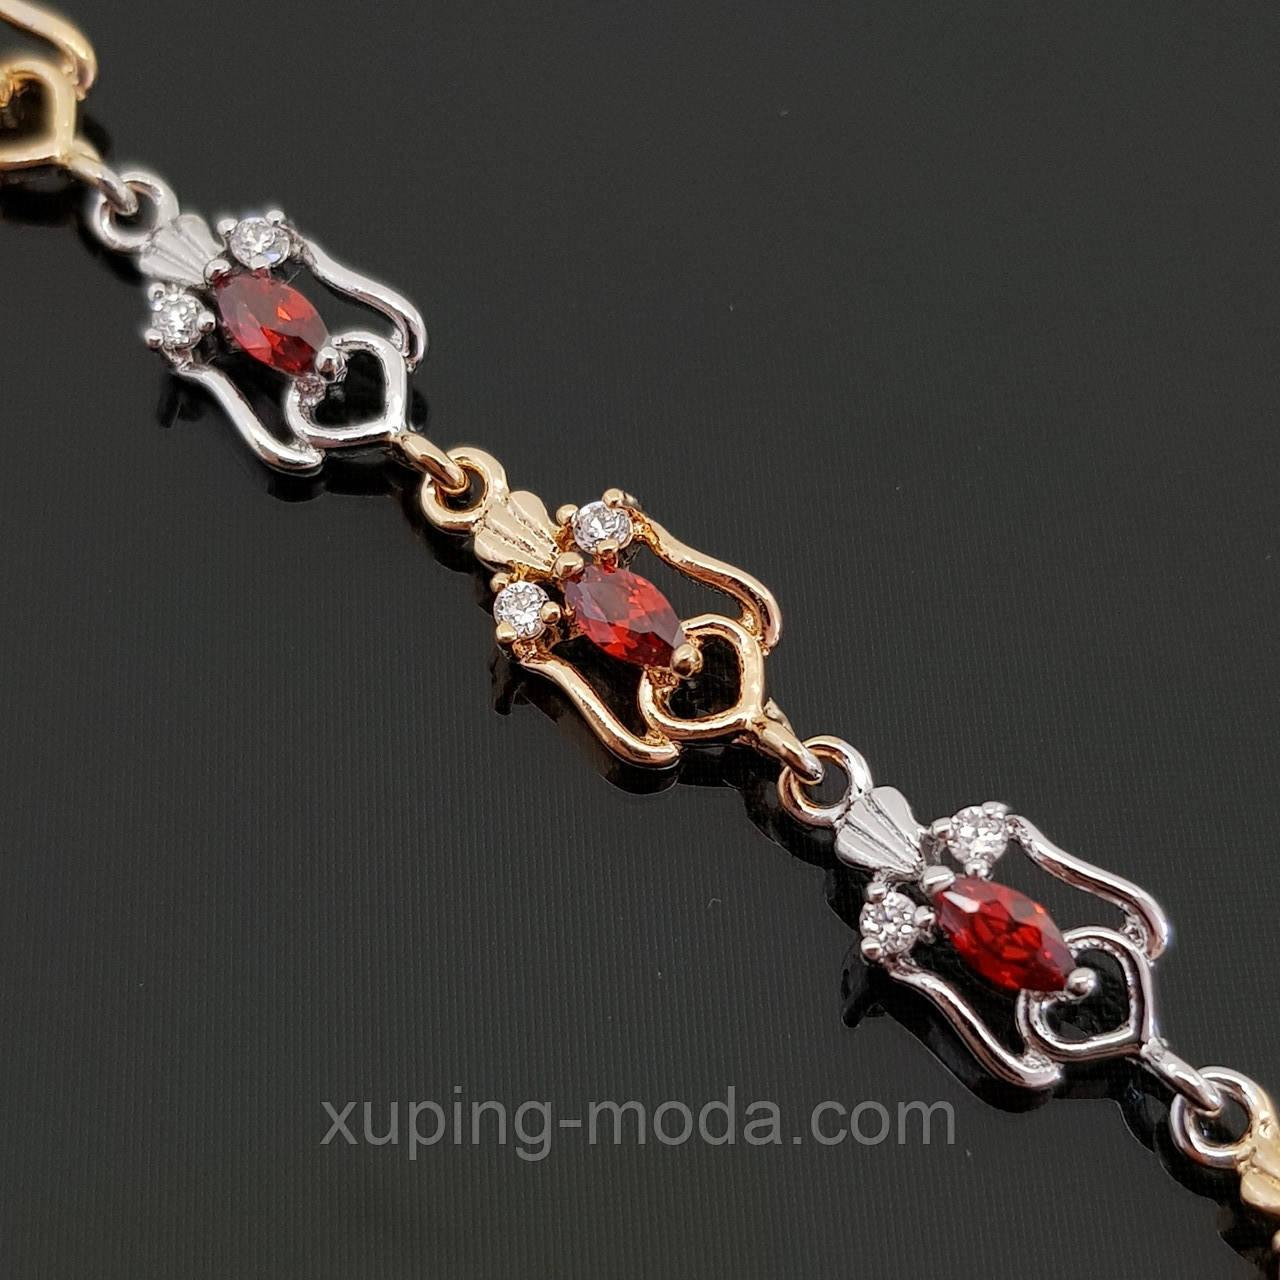 Королевский браслет. Недорогие браслеты ксюпинг